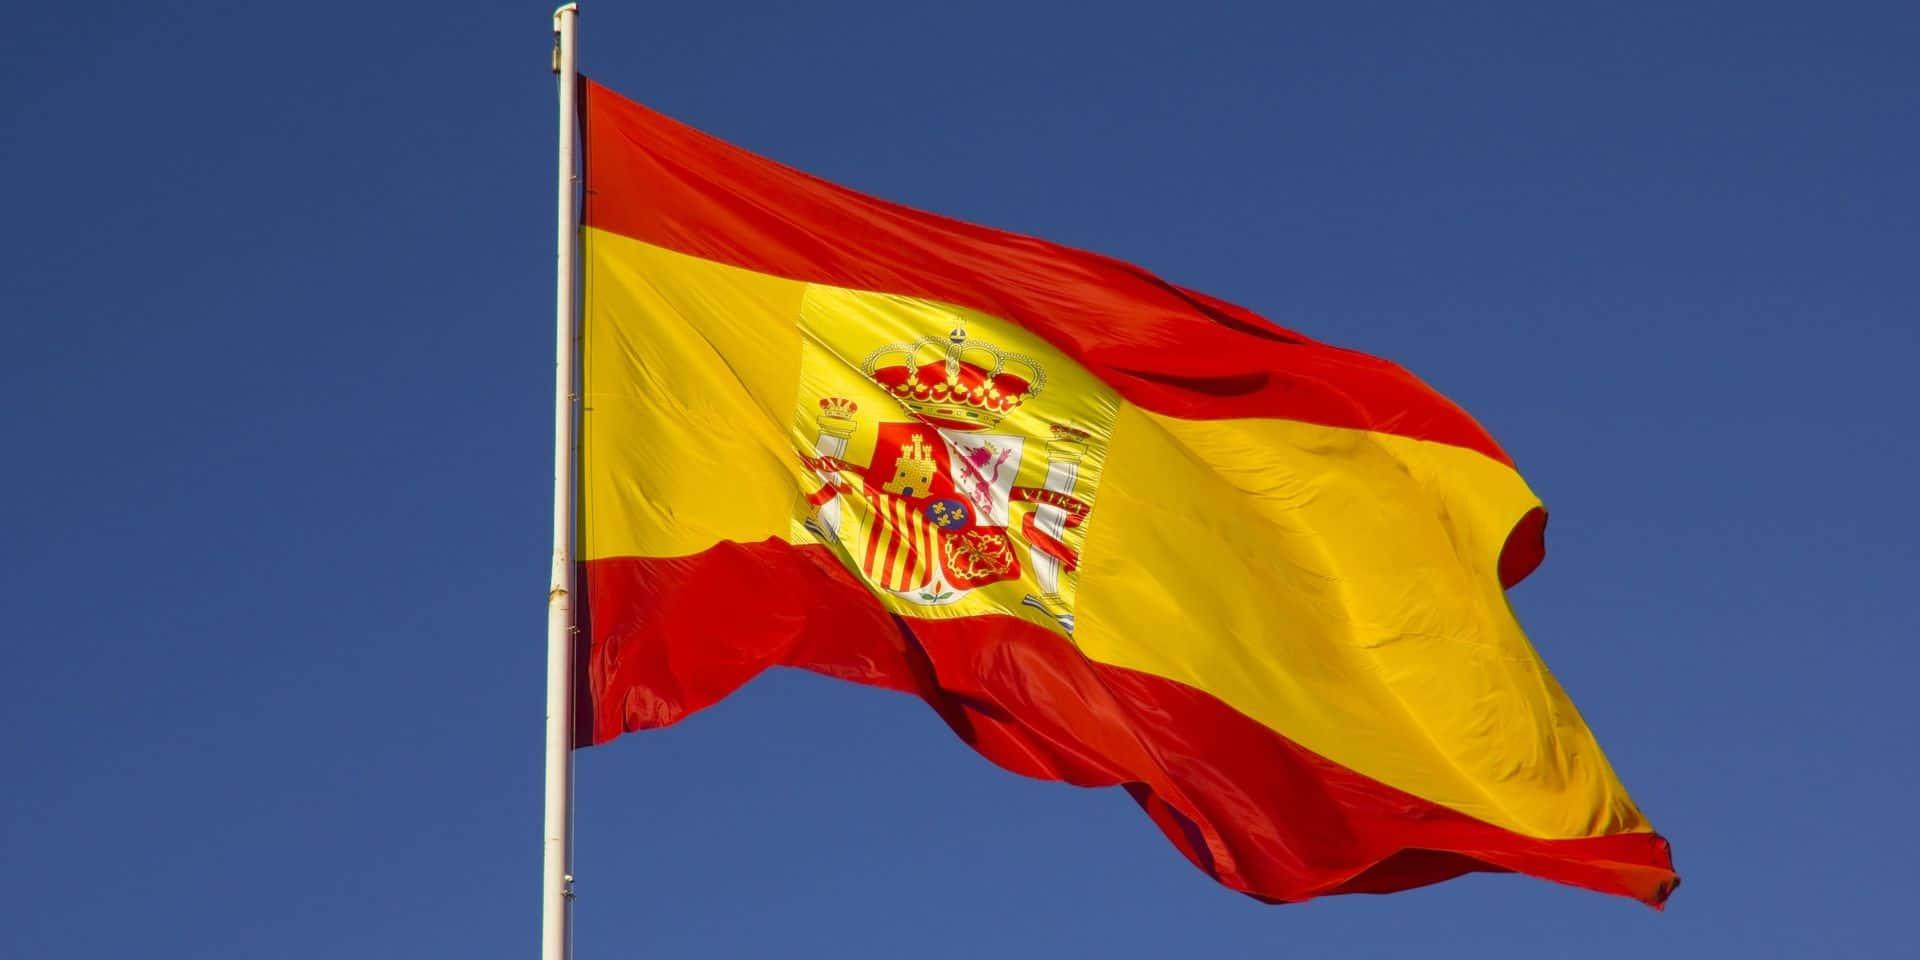 La dette publique espagnole est passée de 98,9 % à 114,1 % du PIB en moins d'un an.